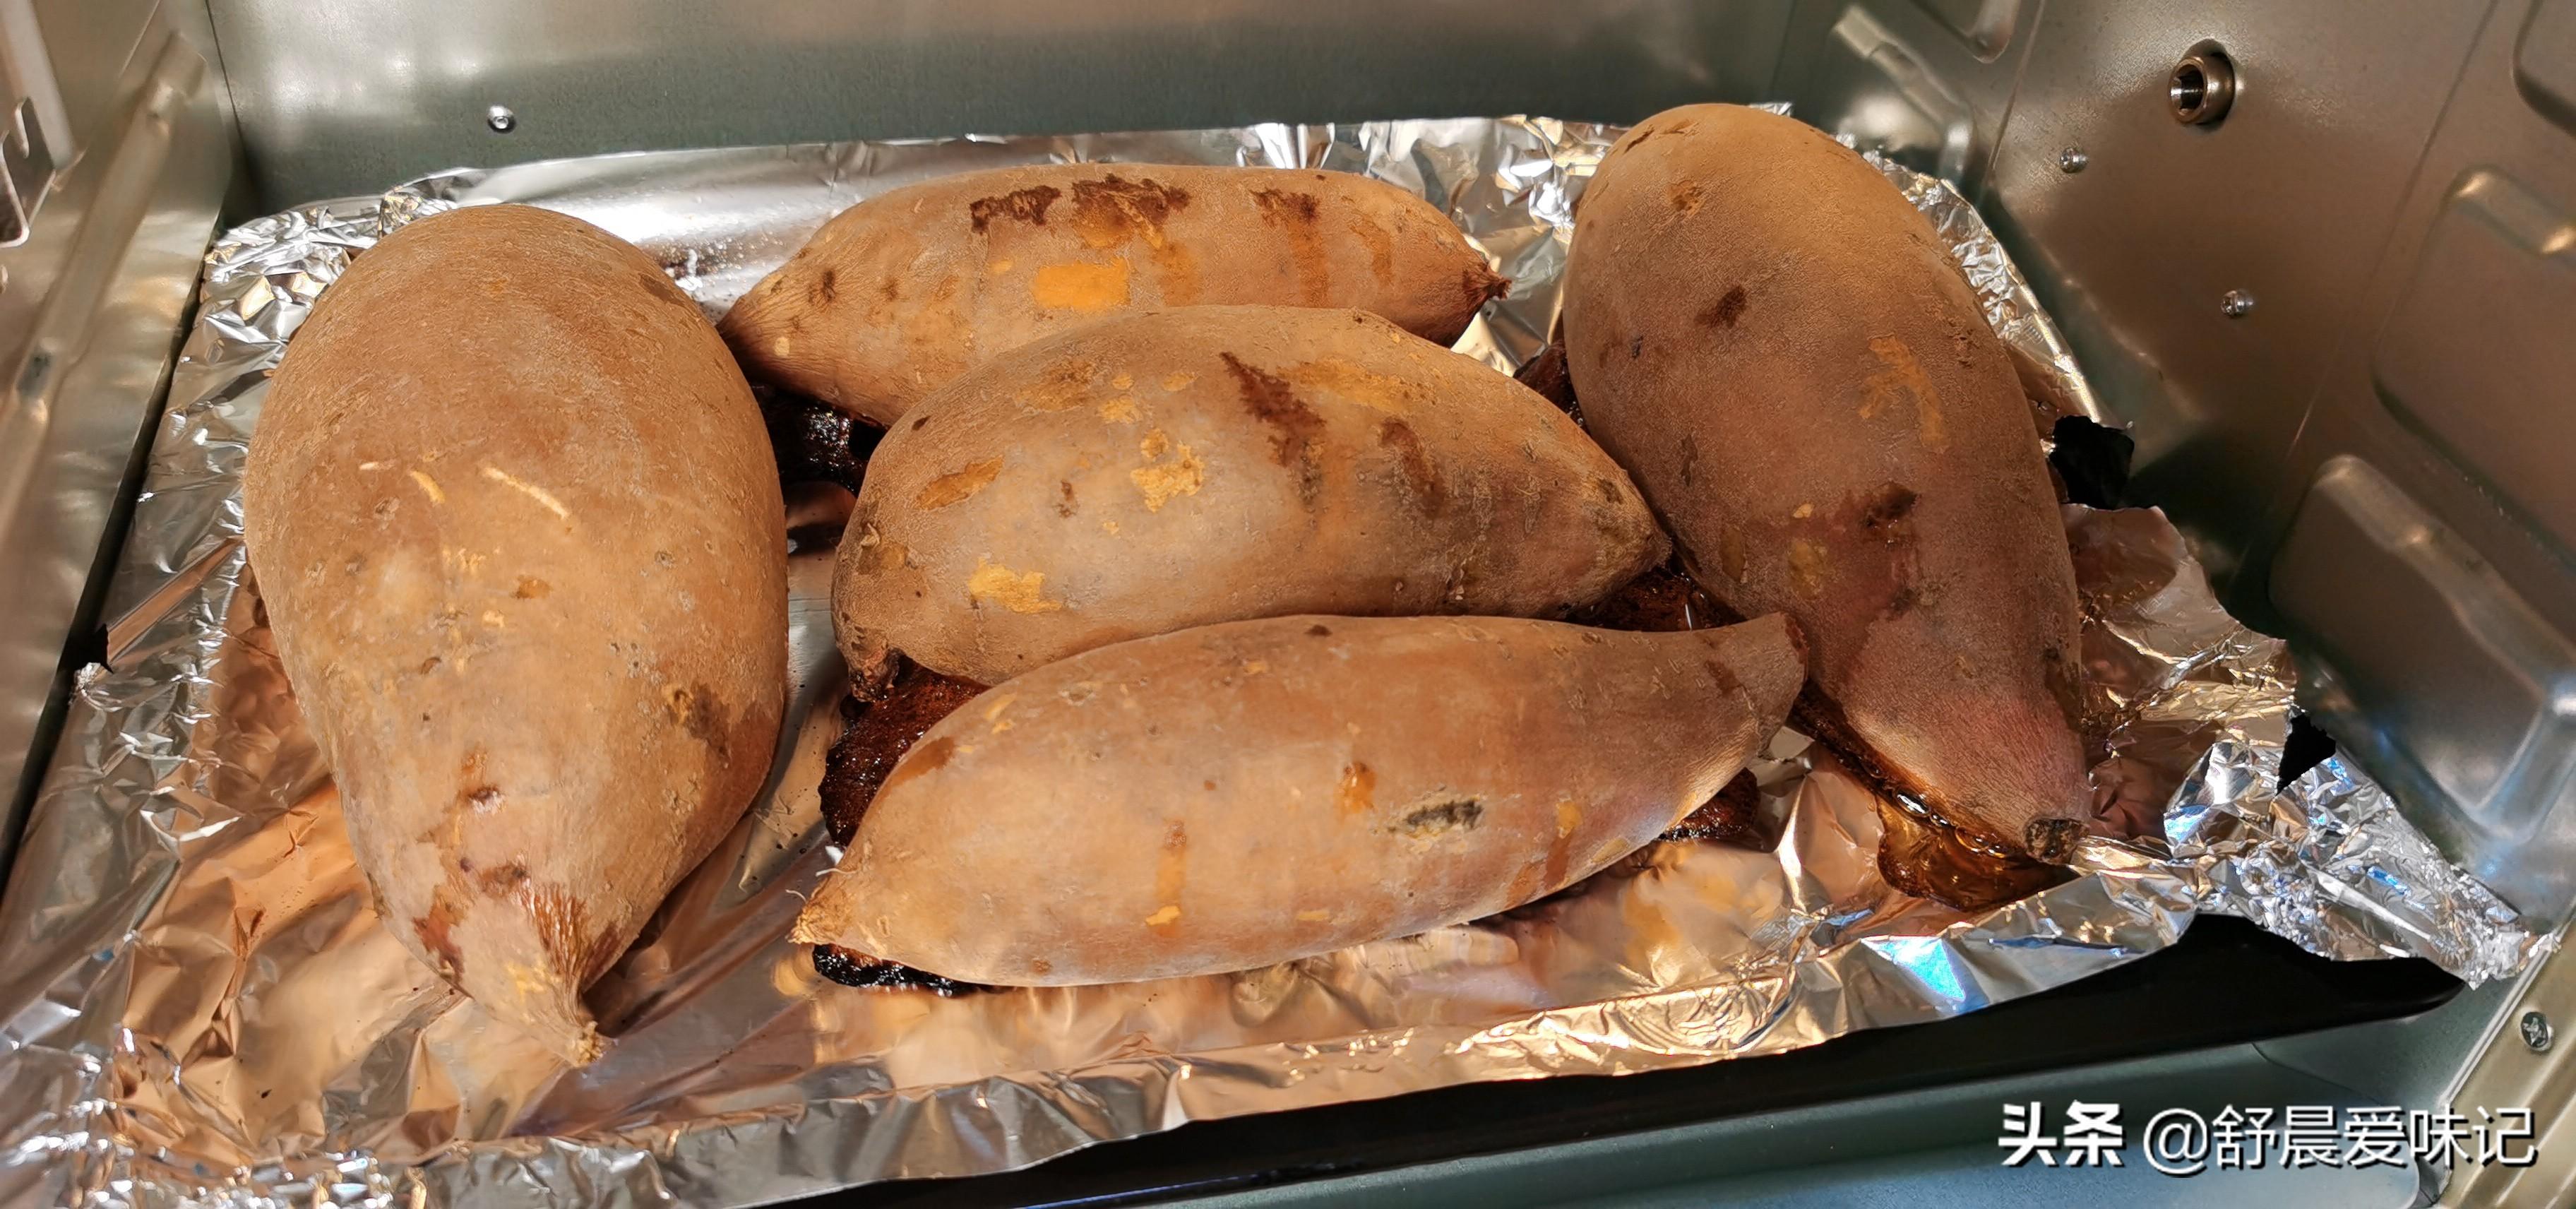 用烤箱烤红薯,不要直接放烤箱,照着这个步骤做,个个甜如蜜